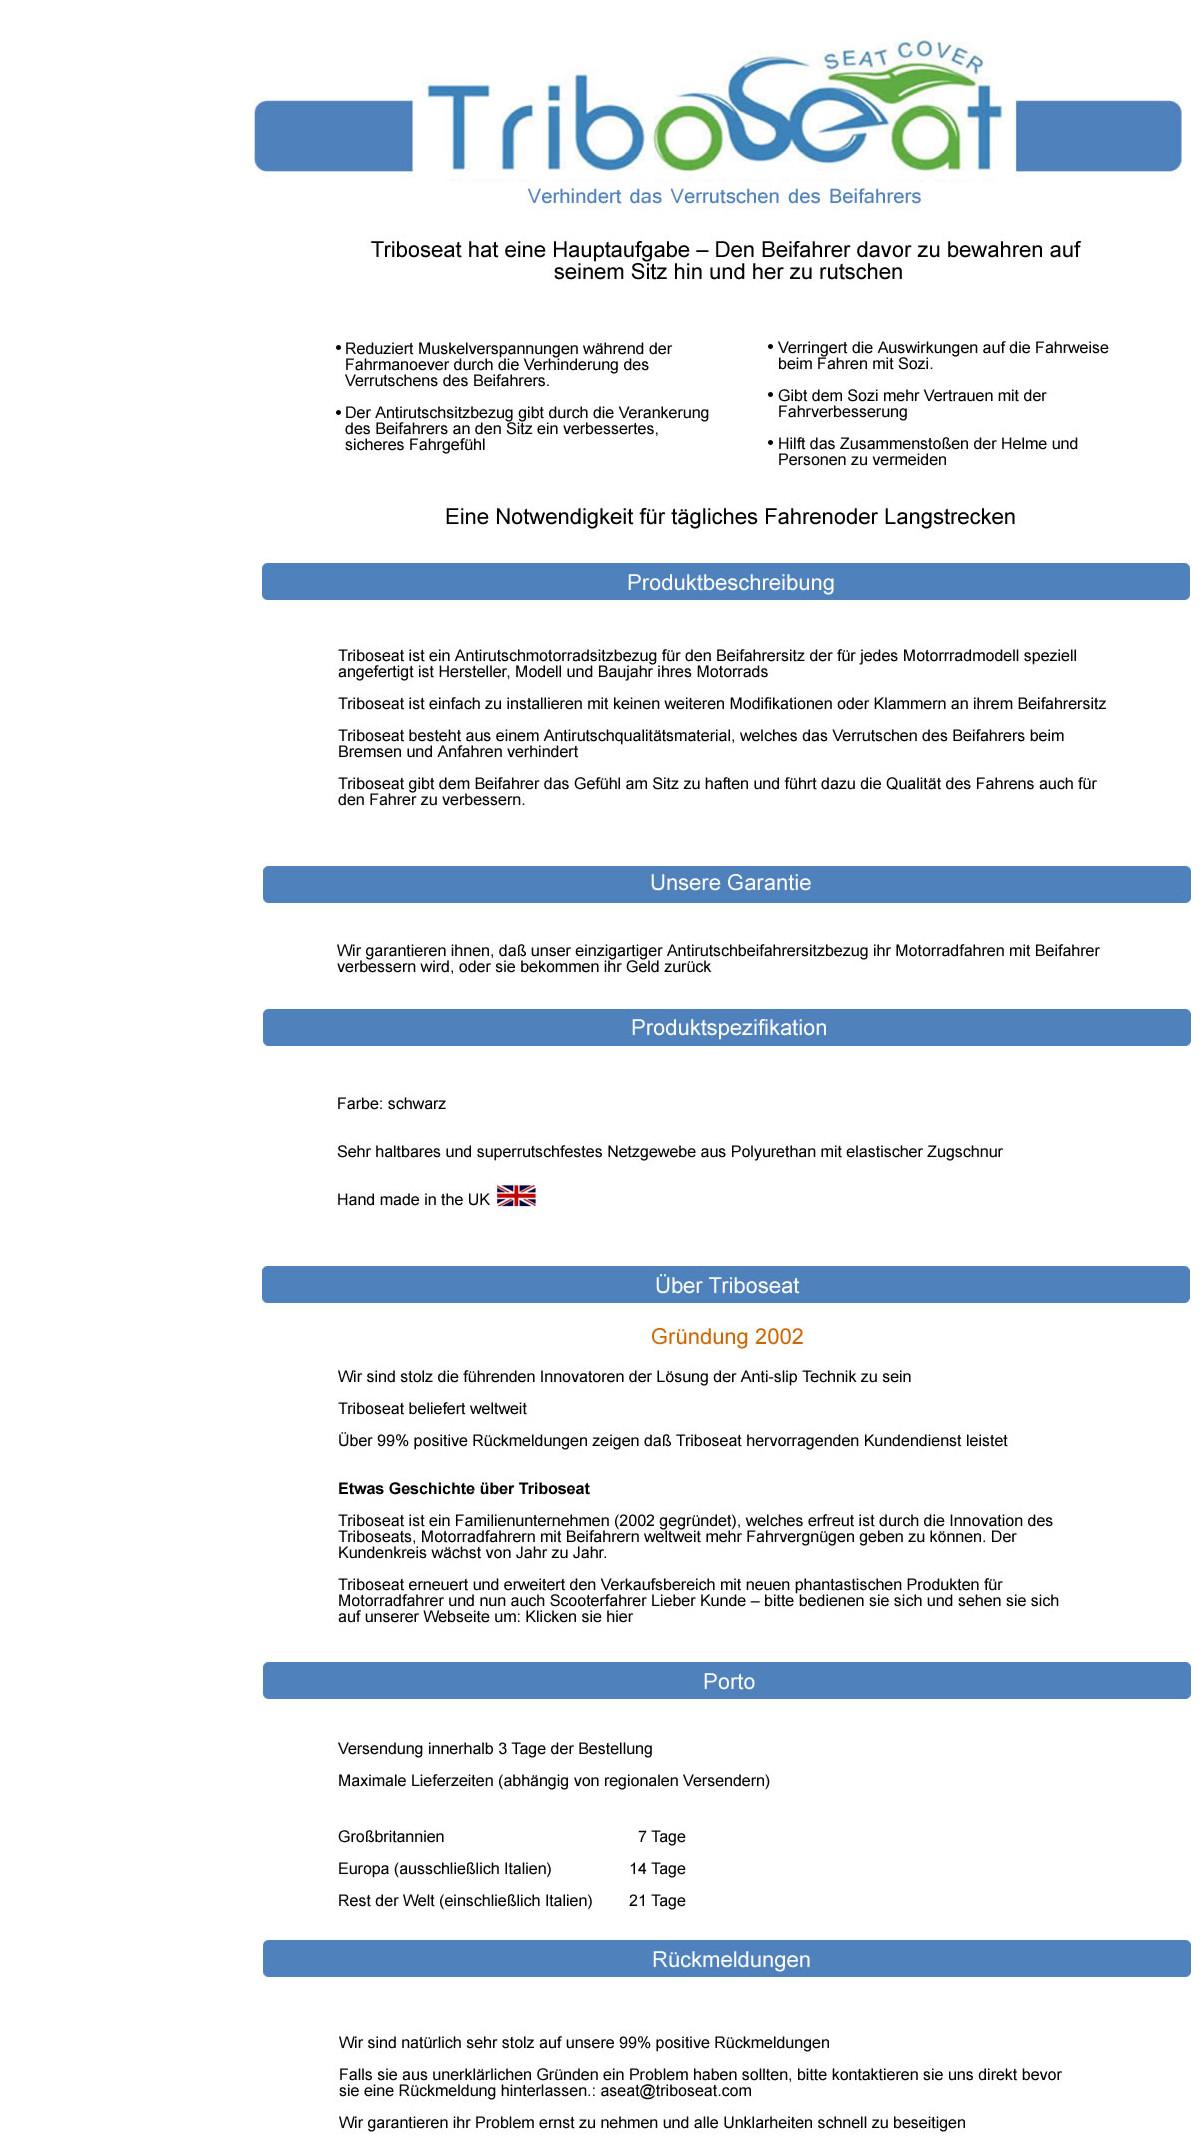 YAMAHA TRX 850 1996-2000 TRIBOSEAT ANTI-RUTSCH BEIFAHRERSITZBEZUG